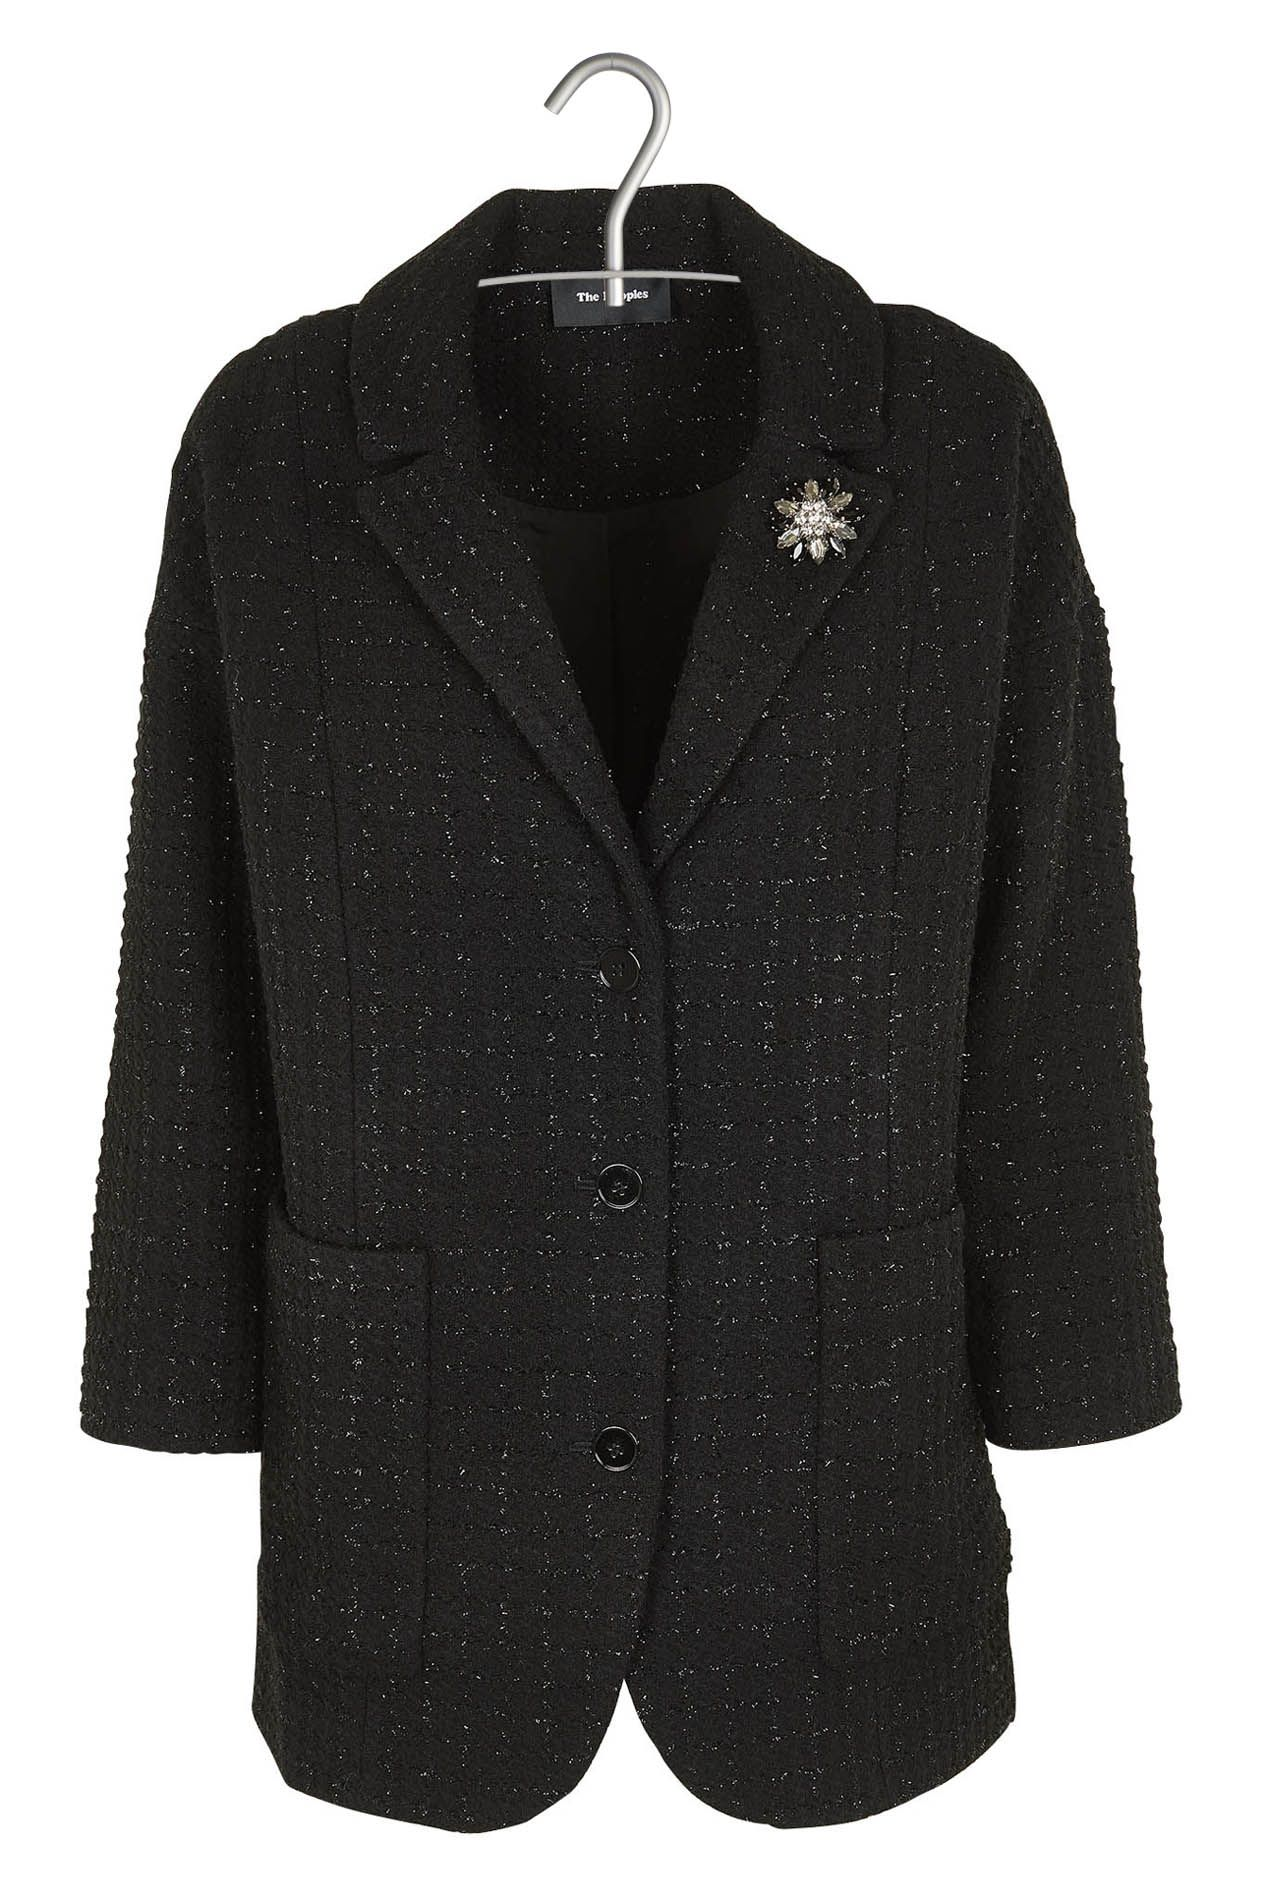 Solde manteau court femme